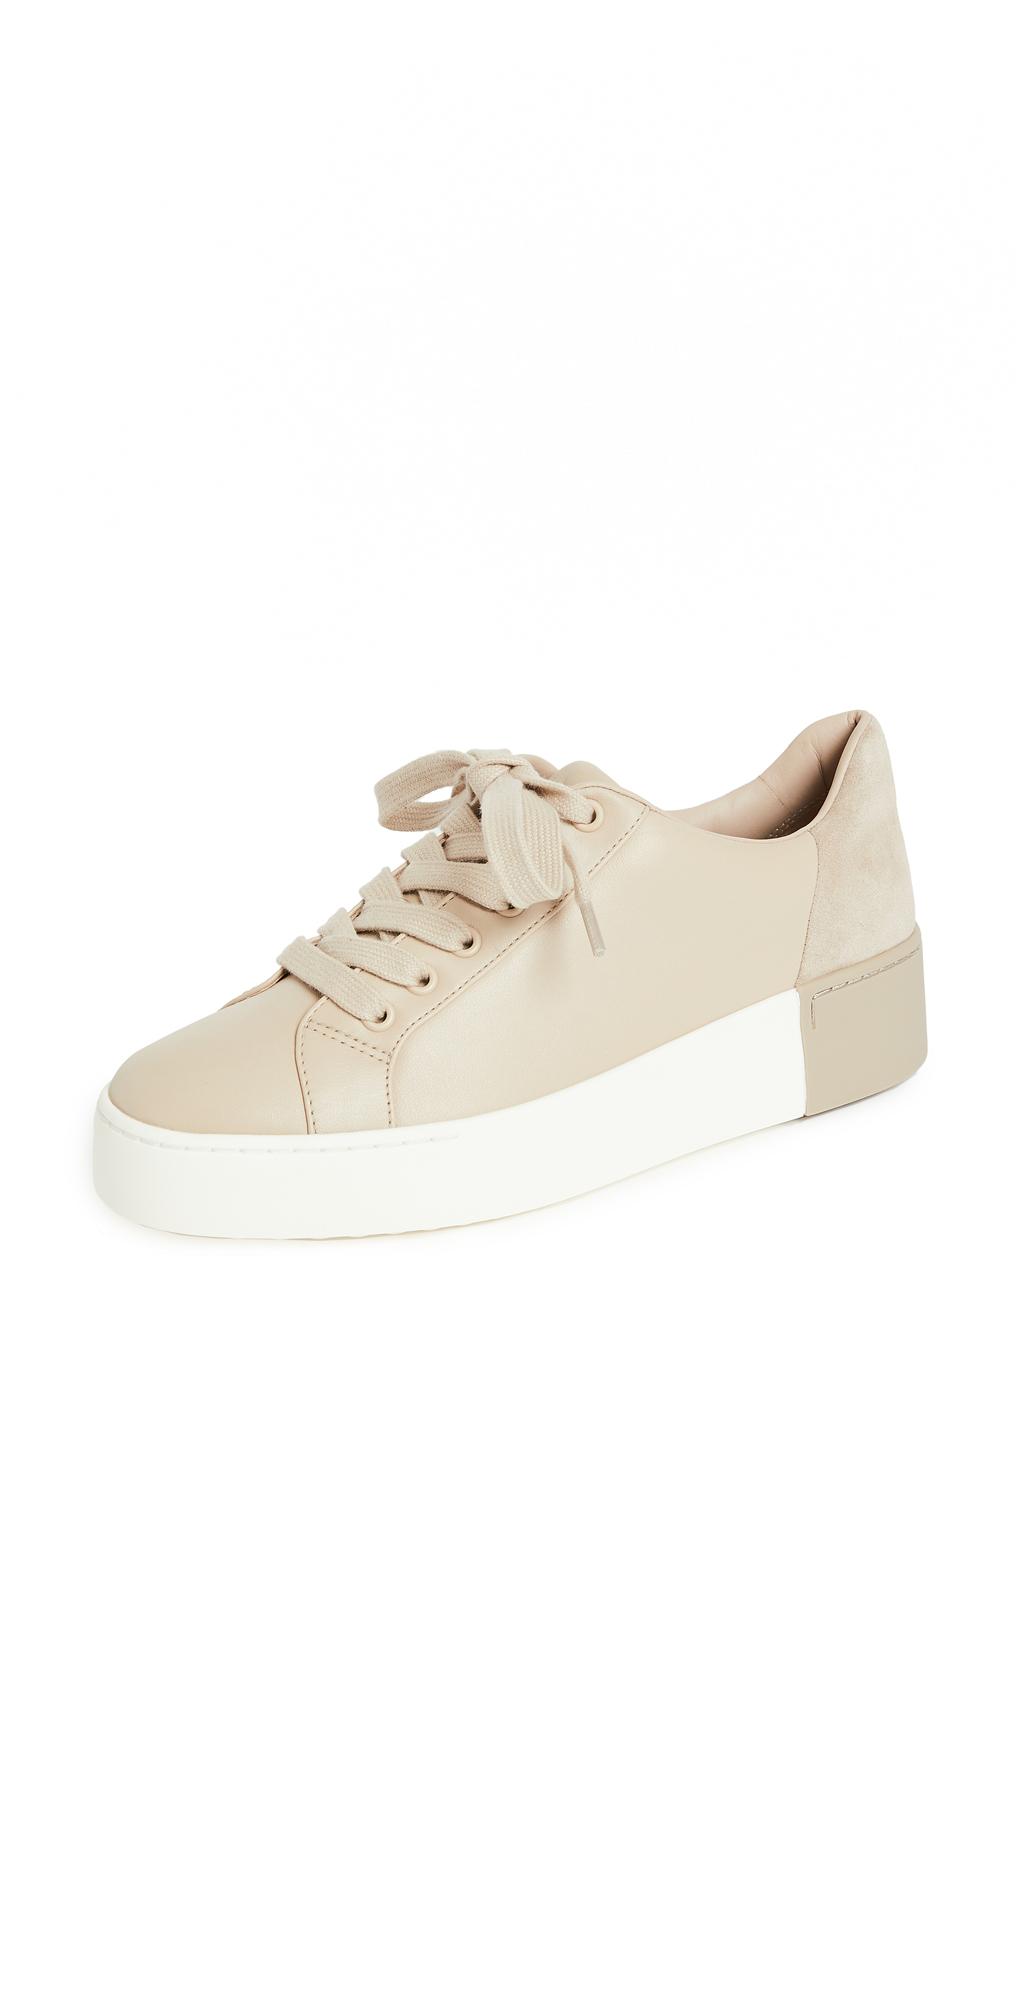 Vince Bensley Sneakers